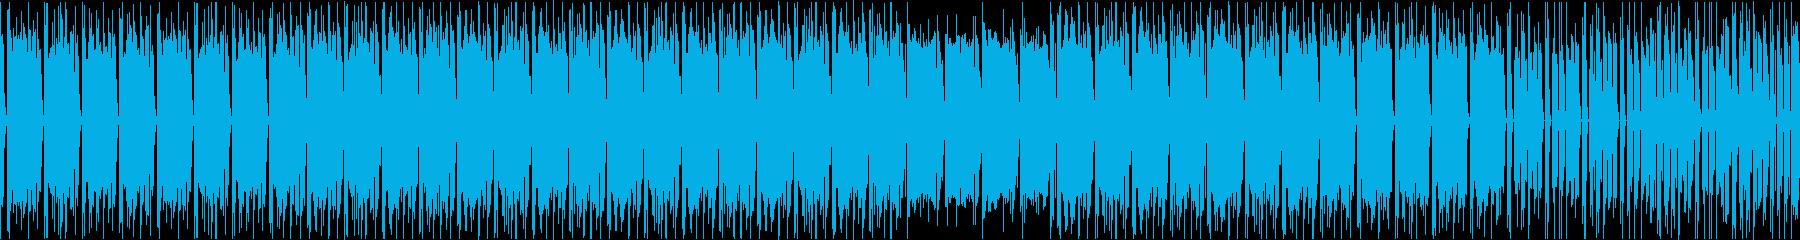 哀愁漂うピアノコードのヒップホップの再生済みの波形